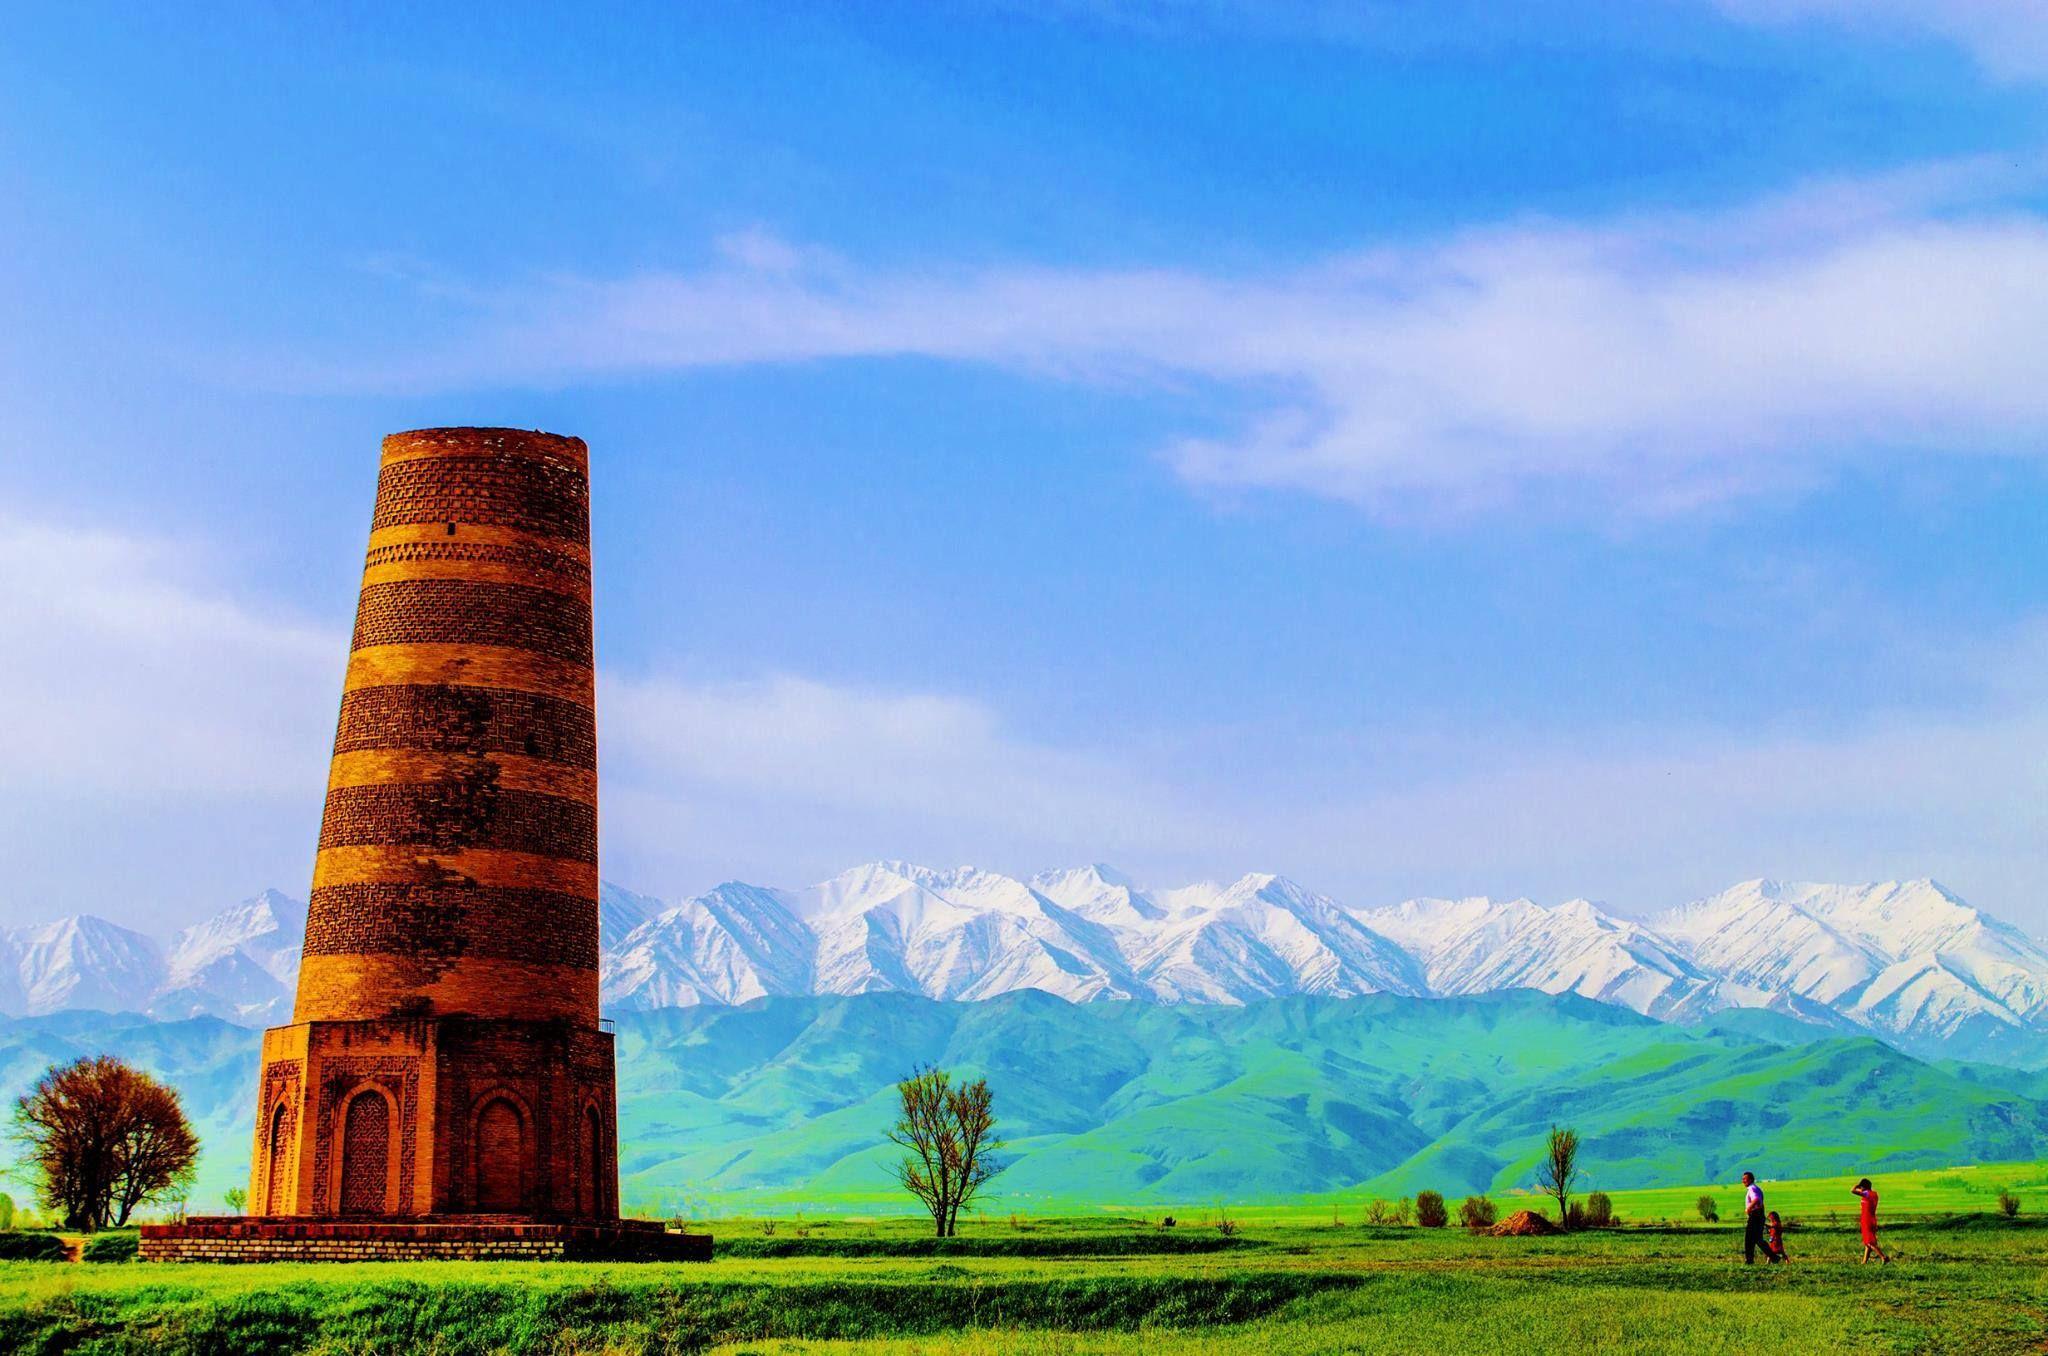 Tokmok şehri yakınlarındaki Burana minaresi olarak bilinen gözetleme  kulesi... Kırgızistan Fotoğraf: Китапчи Али